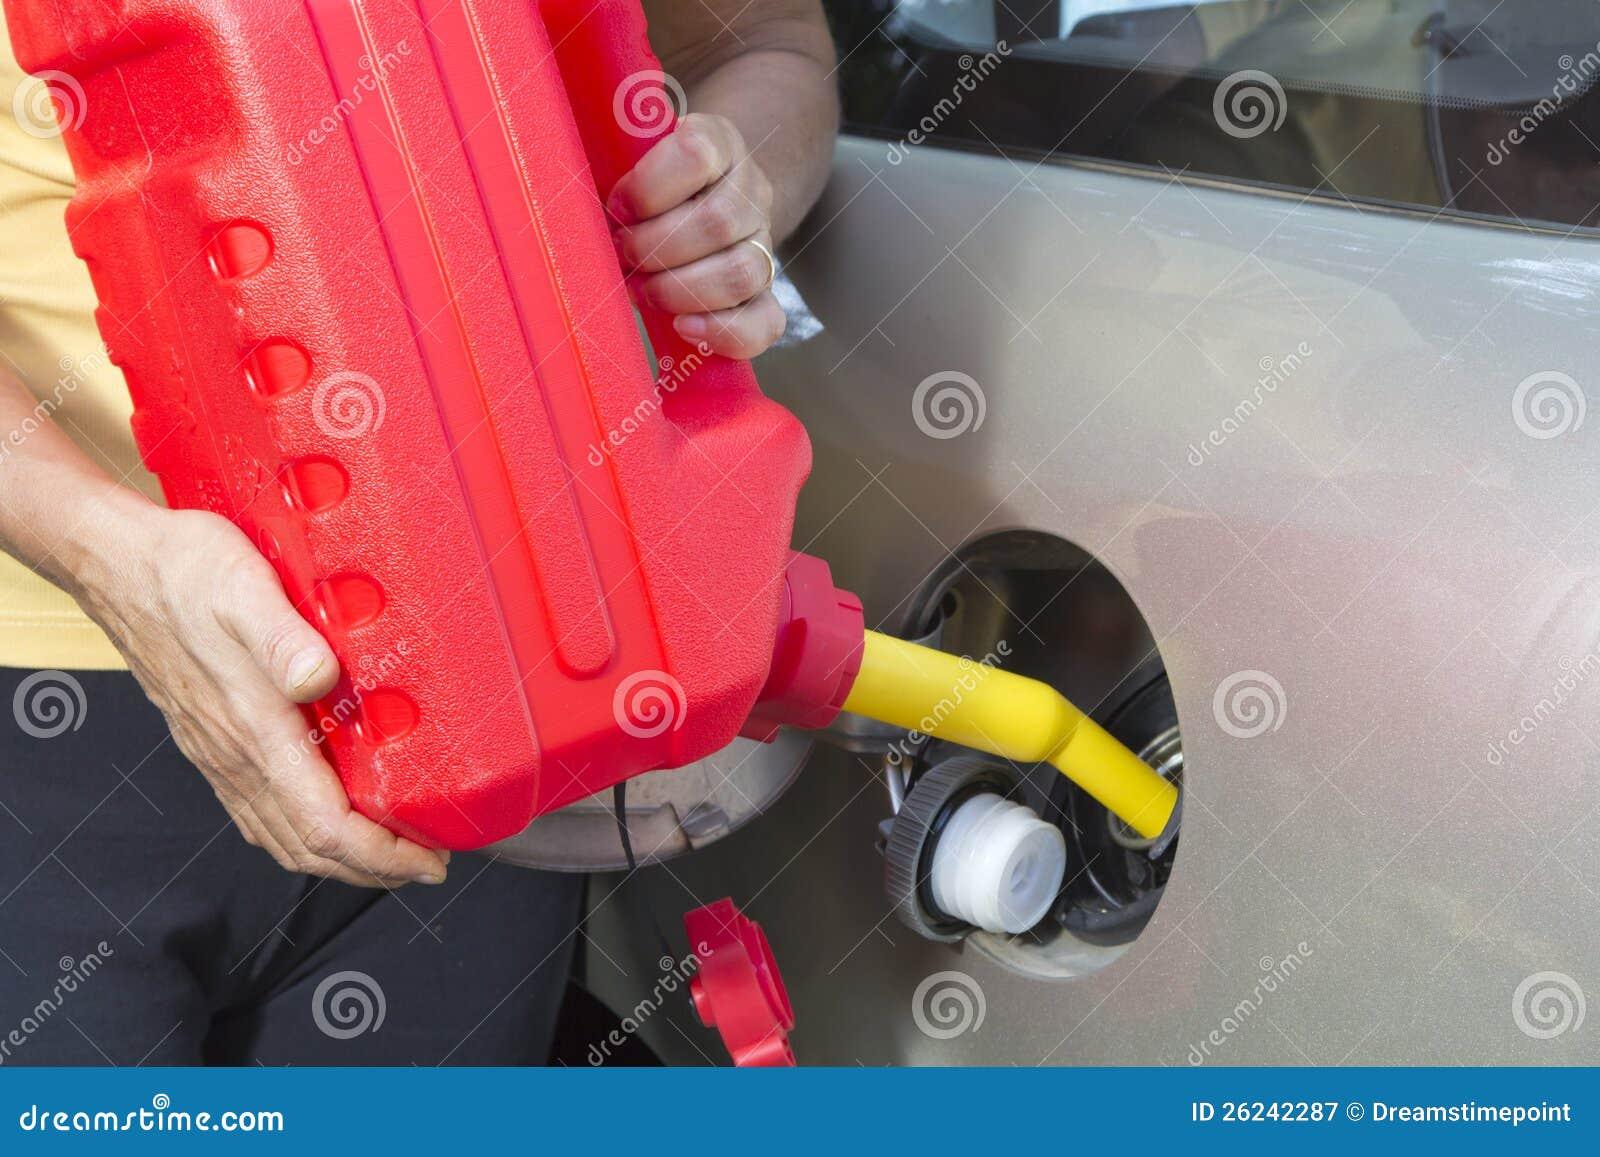 Das Hinzufügen des Kraftstoffs im Auto mit rotem Plastikgas kann